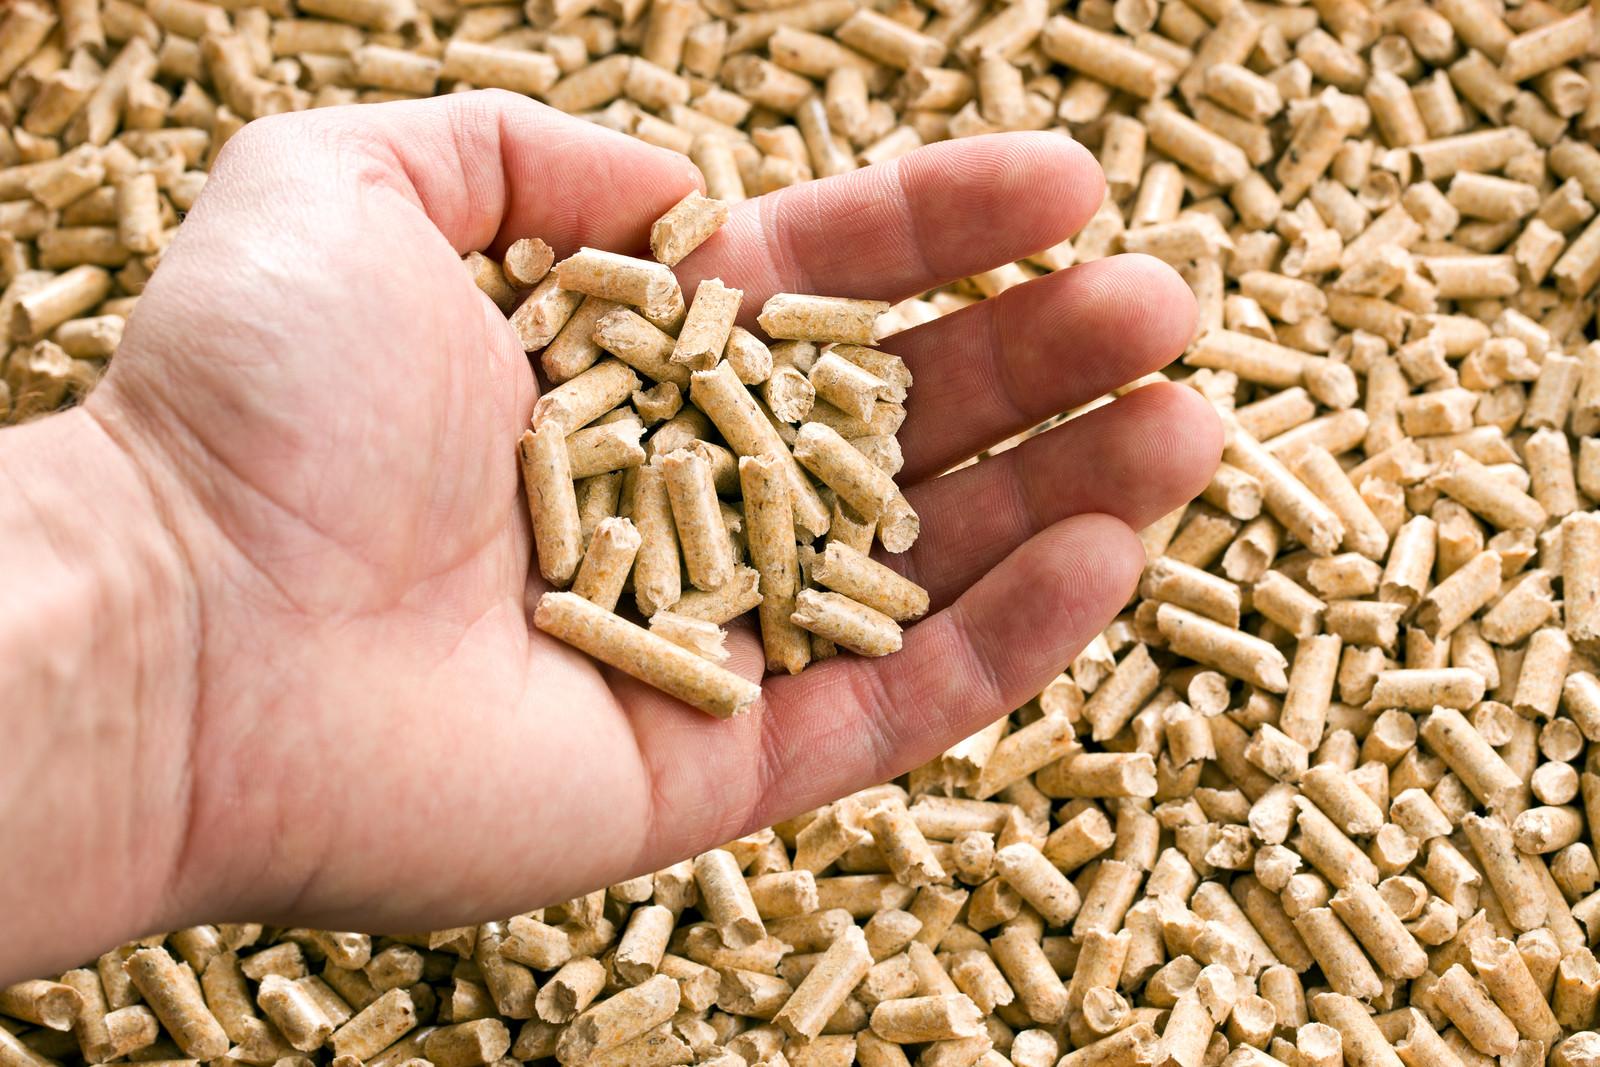 REBI SLU: Biomasa y la independencia externa del suministro